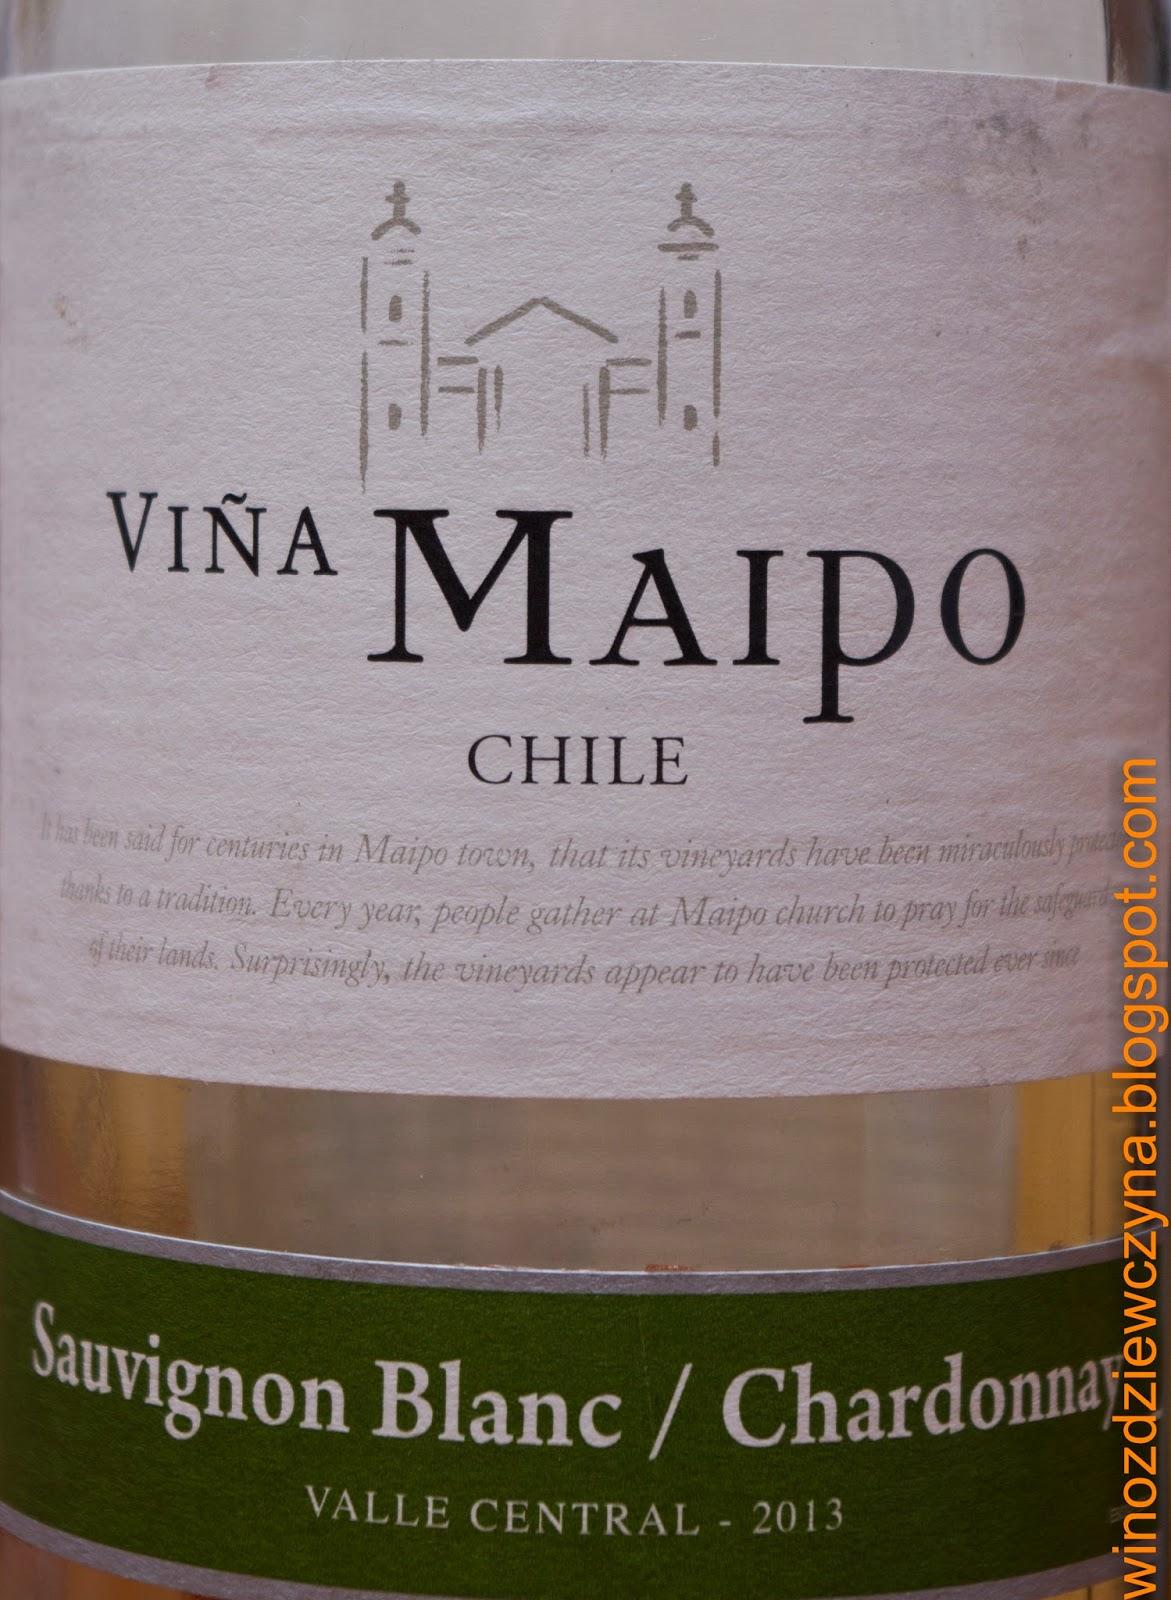 wino półwytrawne białe